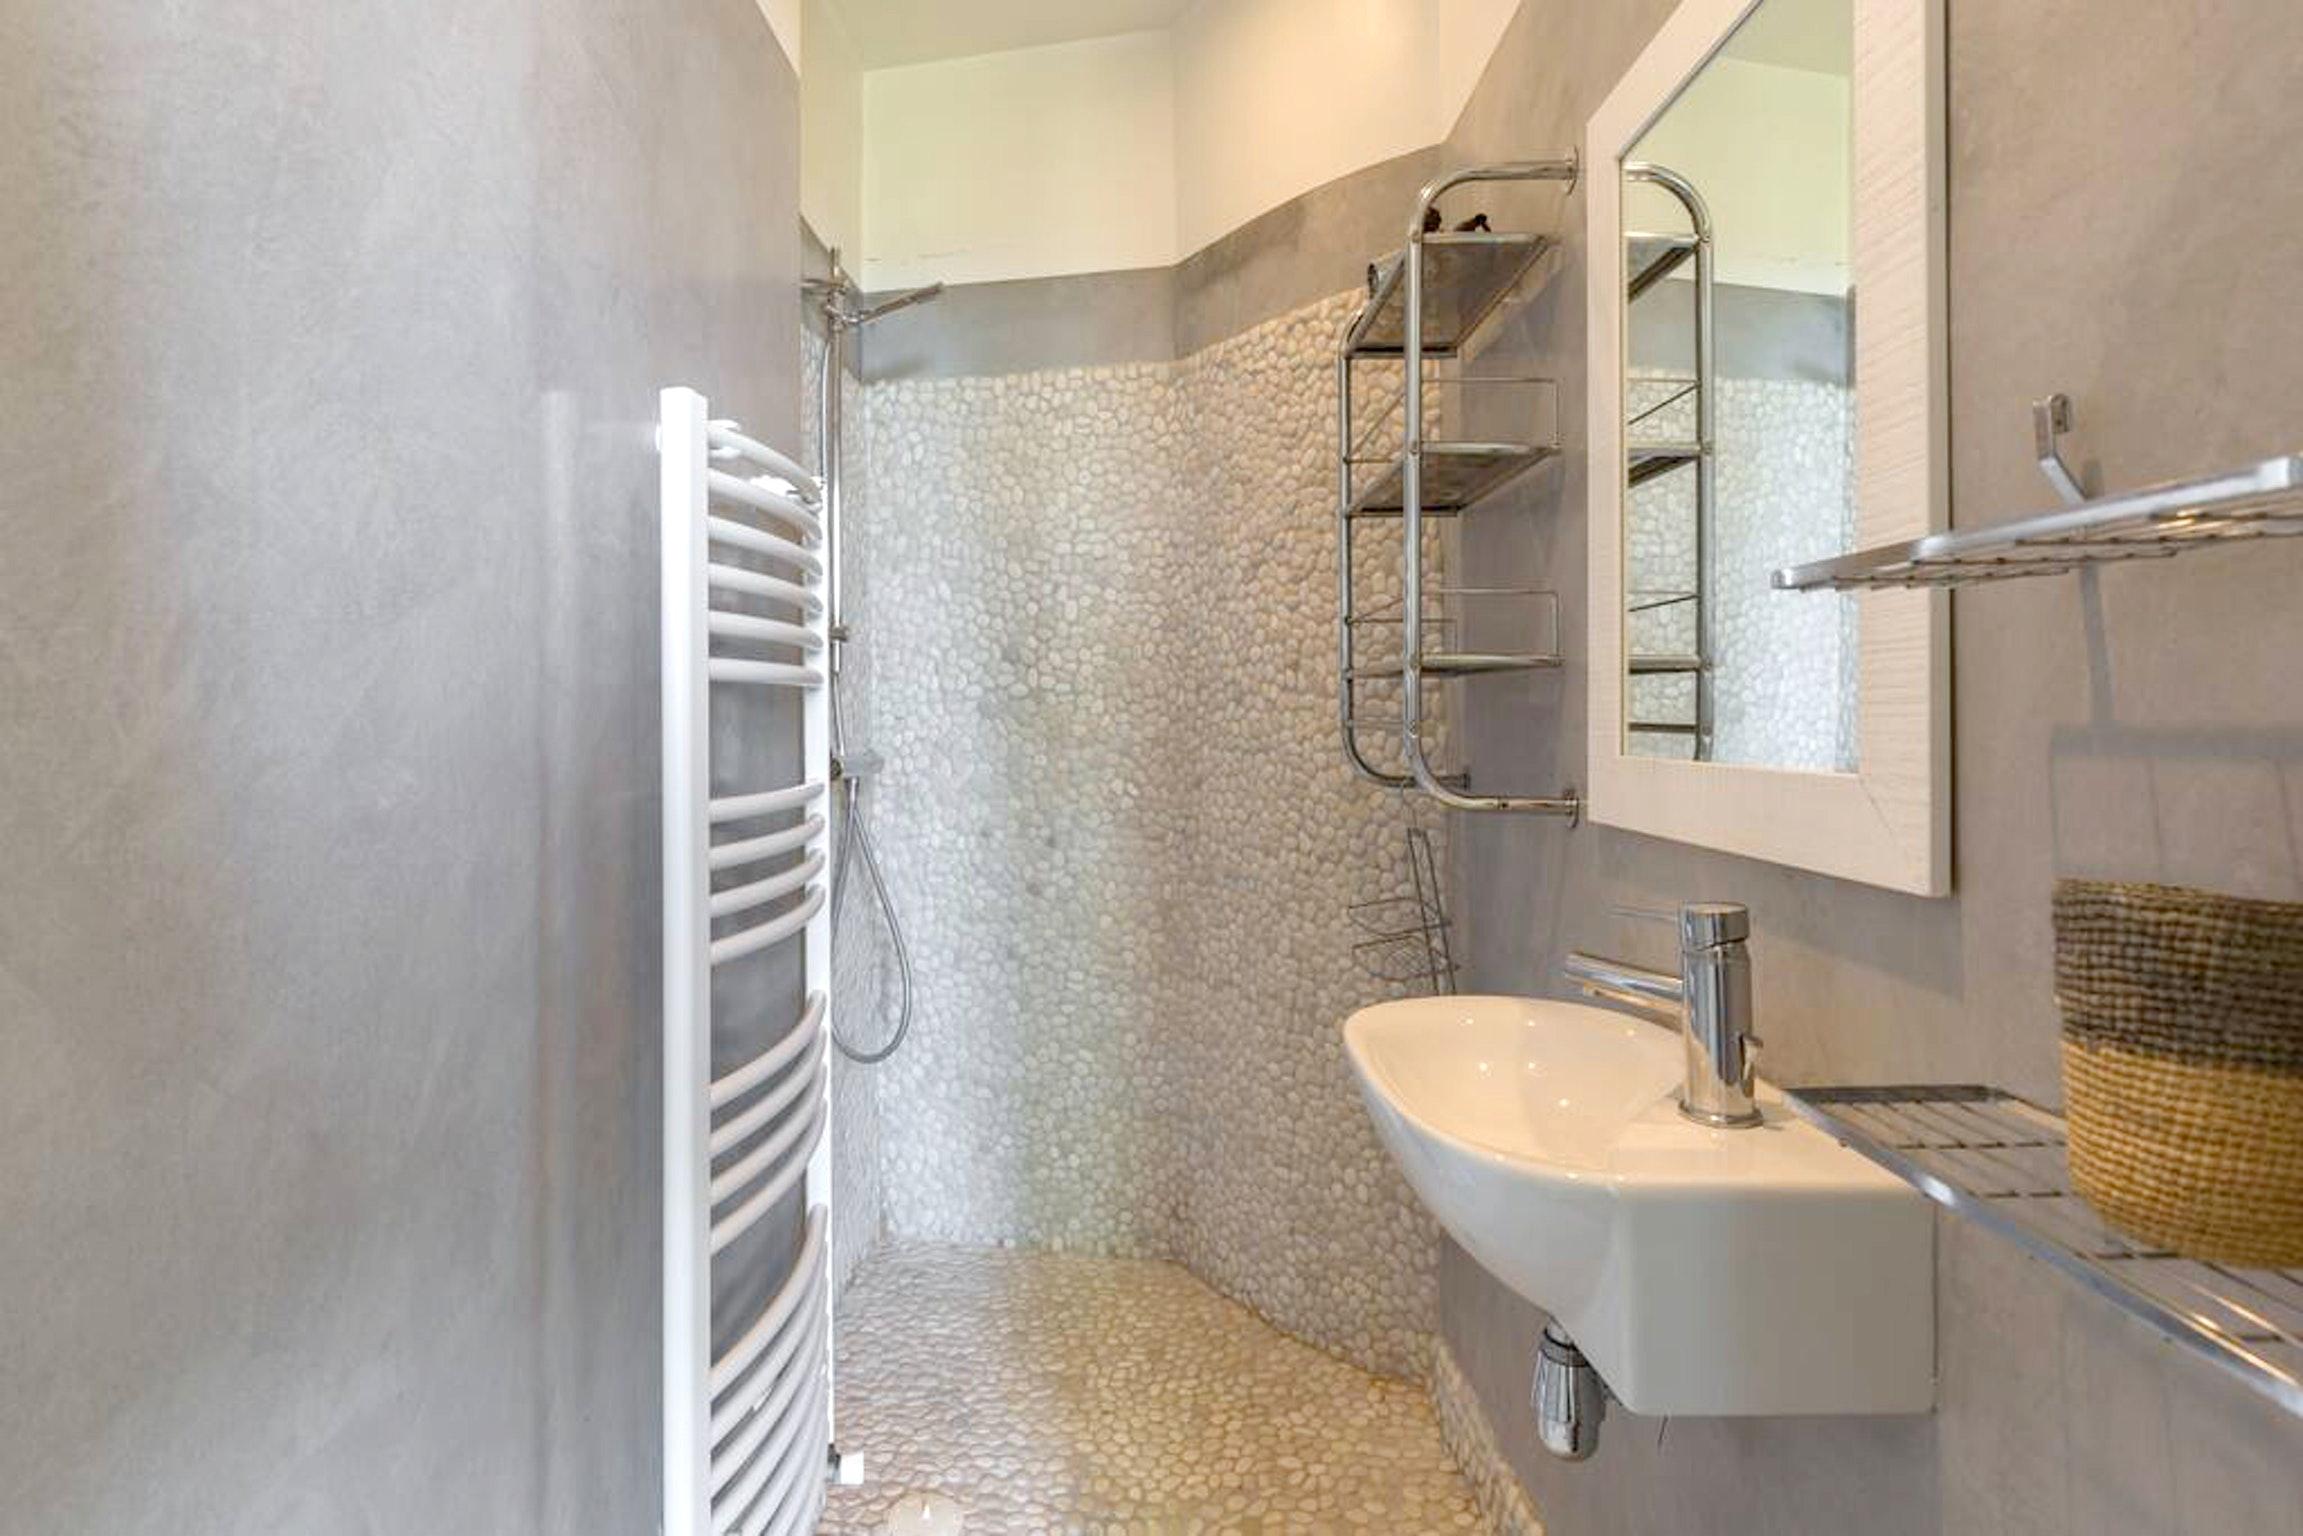 Maison de vacances Villa mit 6 Schlafzimmern in L'Isle-sur-la-Sorgue mit privatem Pool, möbliertem Garten und (2647203), L'Isle sur la Sorgue, Vaucluse, Provence - Alpes - Côte d'Azur, France, image 29